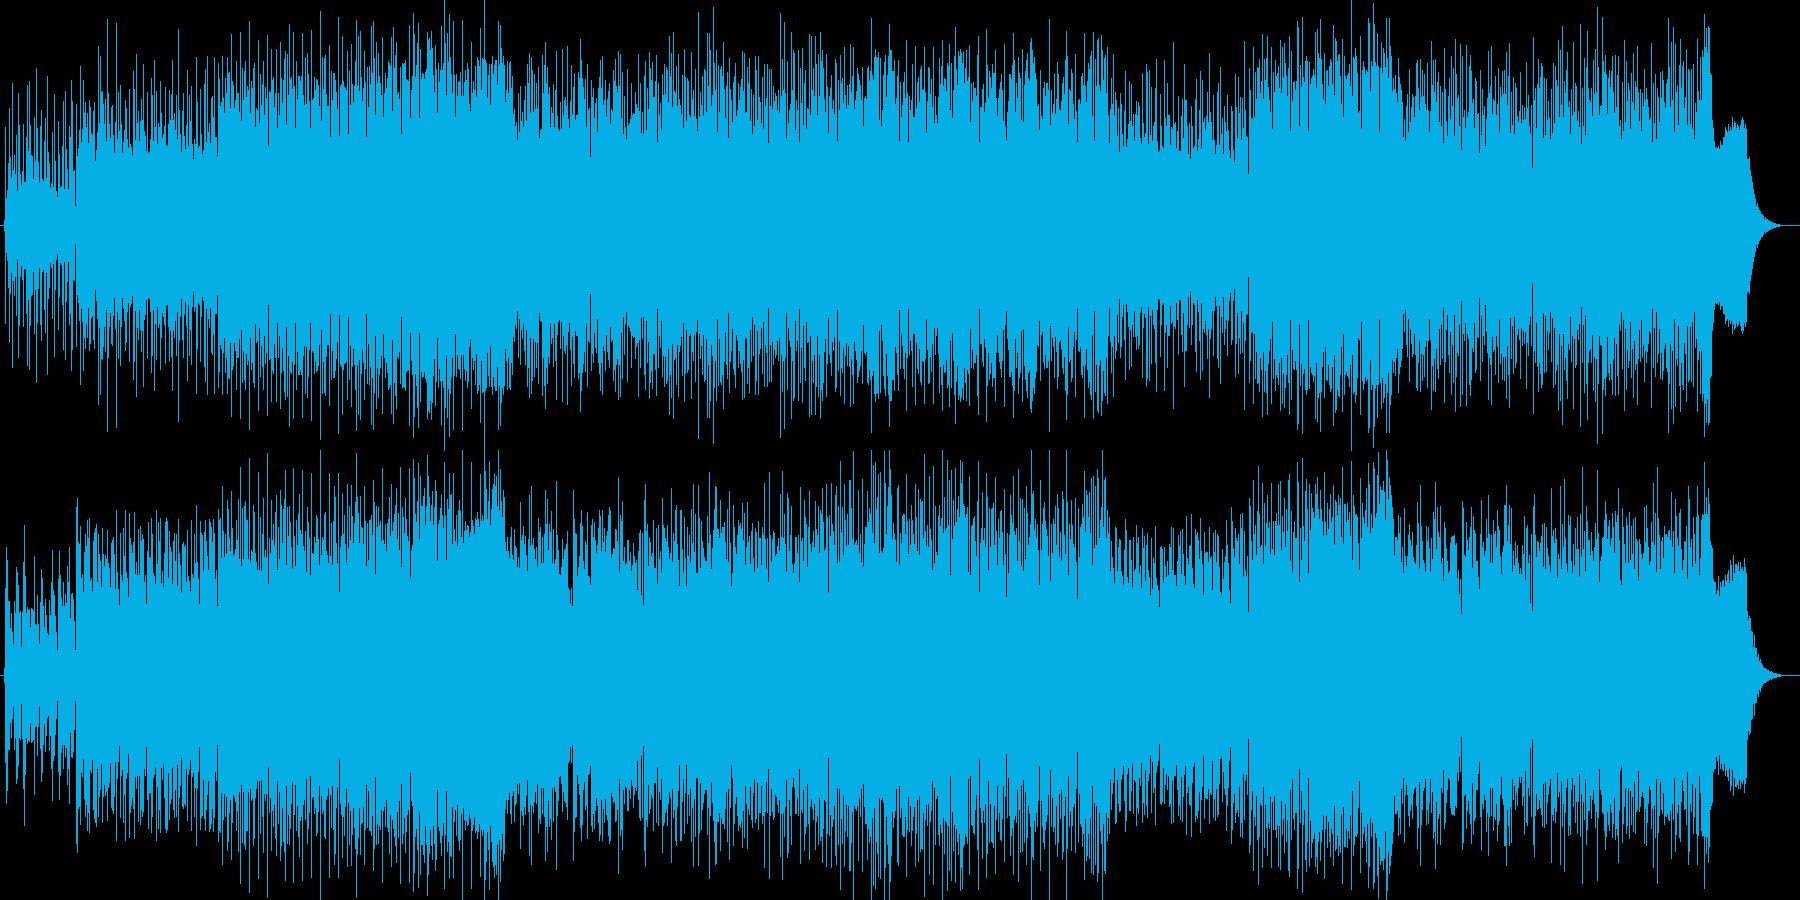 近未来的でかっこいいテクノミュージックの再生済みの波形